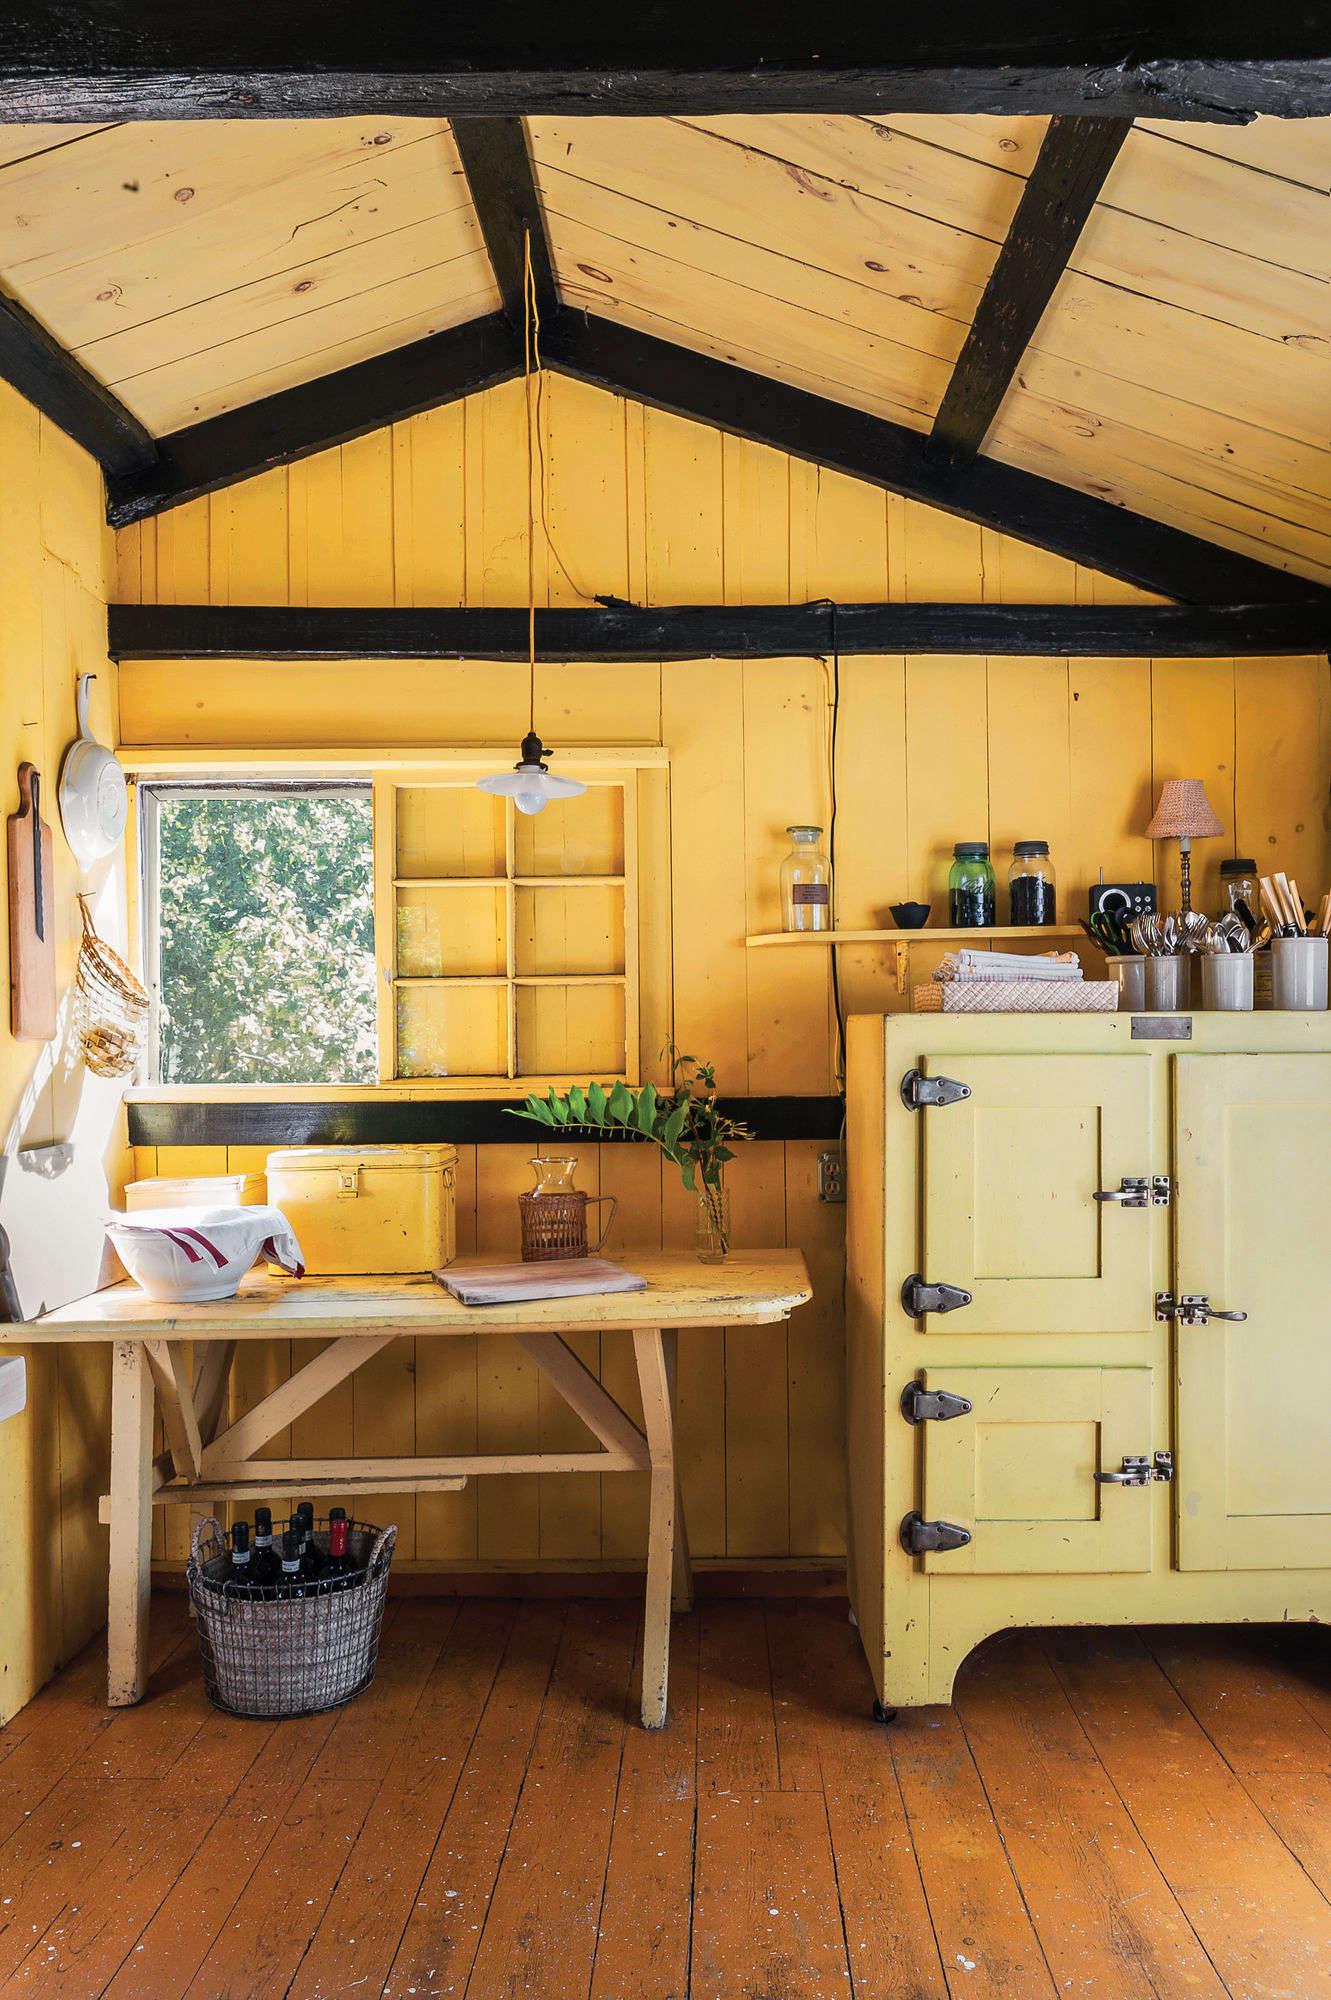 justine hand cottage kitchen